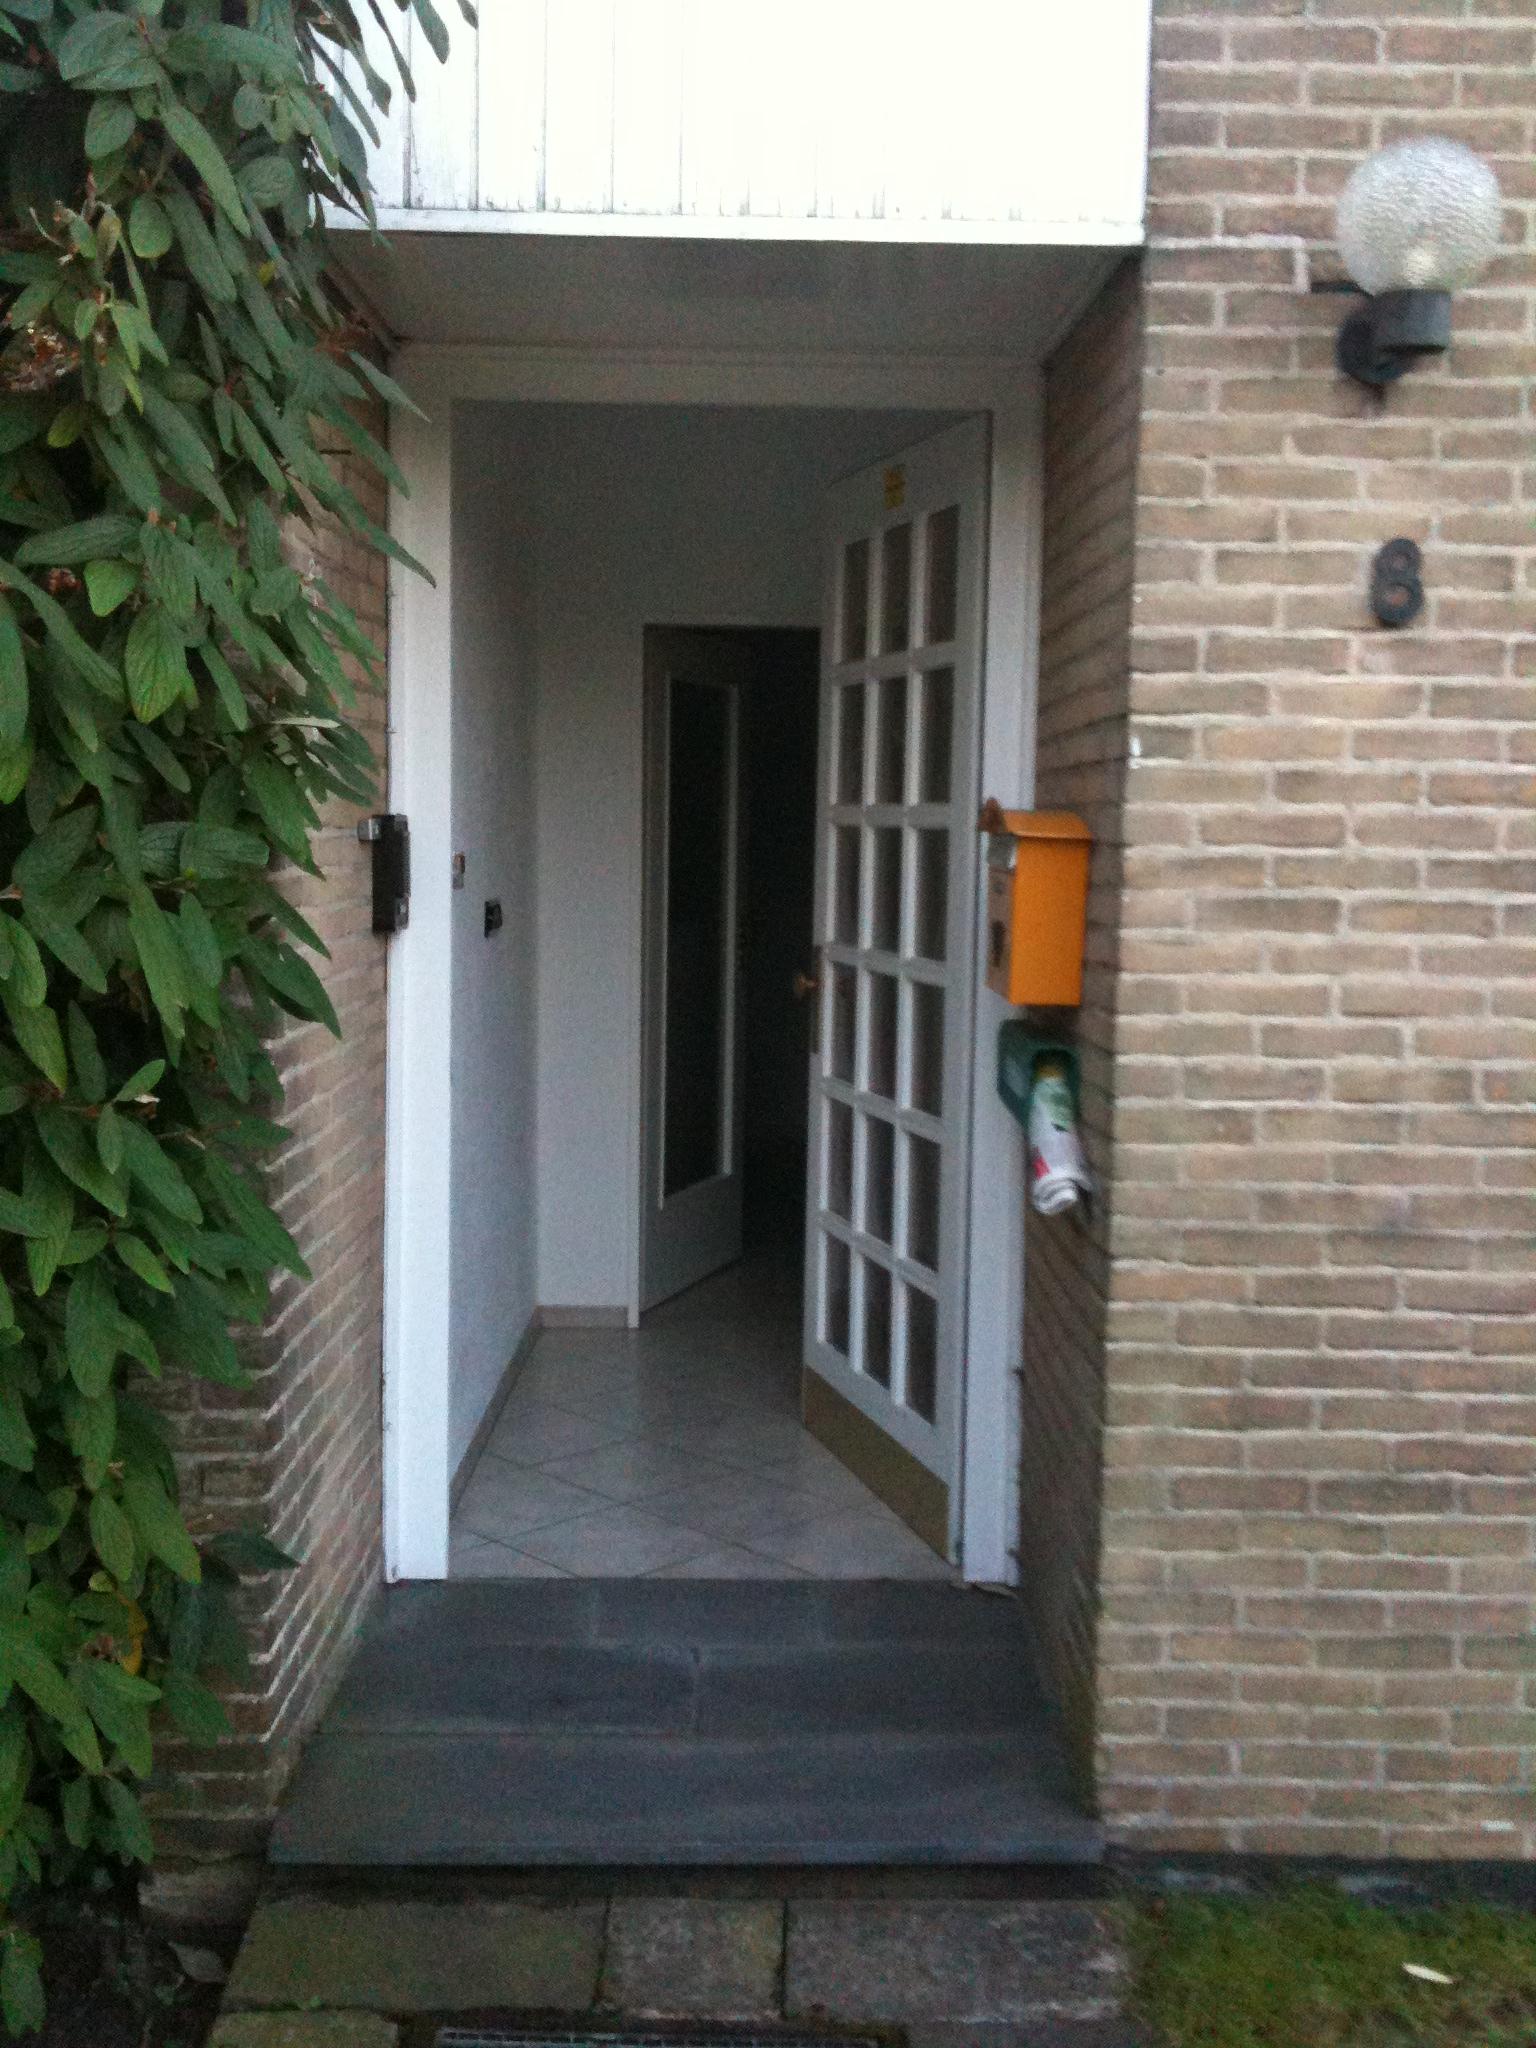 Barrierefreies Bauen - Gartenhaus - vorher